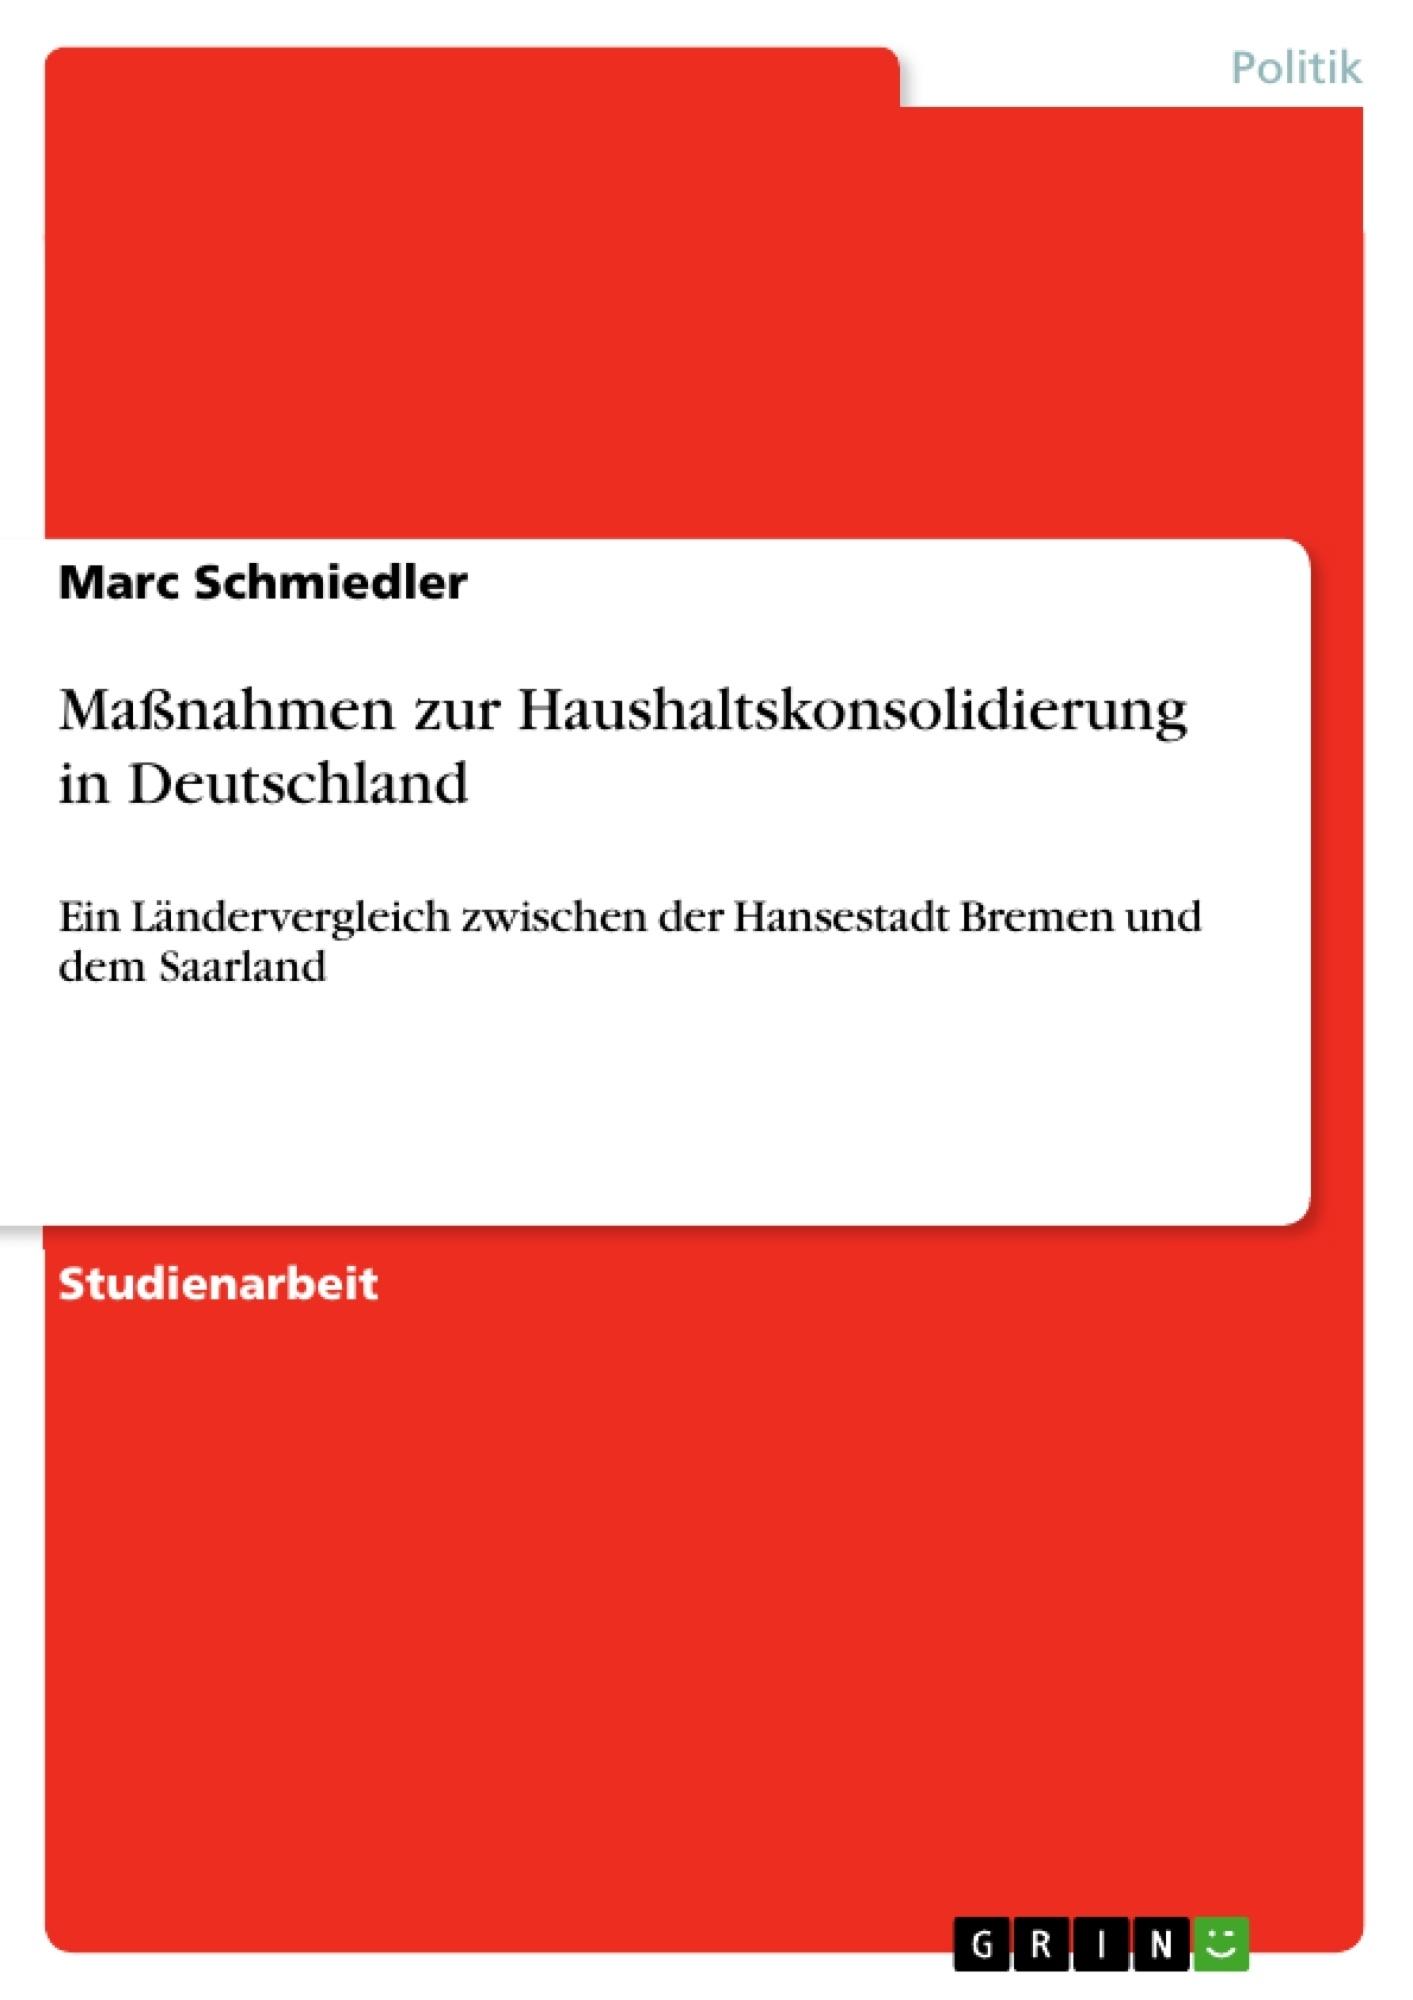 Titel: Maßnahmen zur Haushaltskonsolidierung in Deutschland